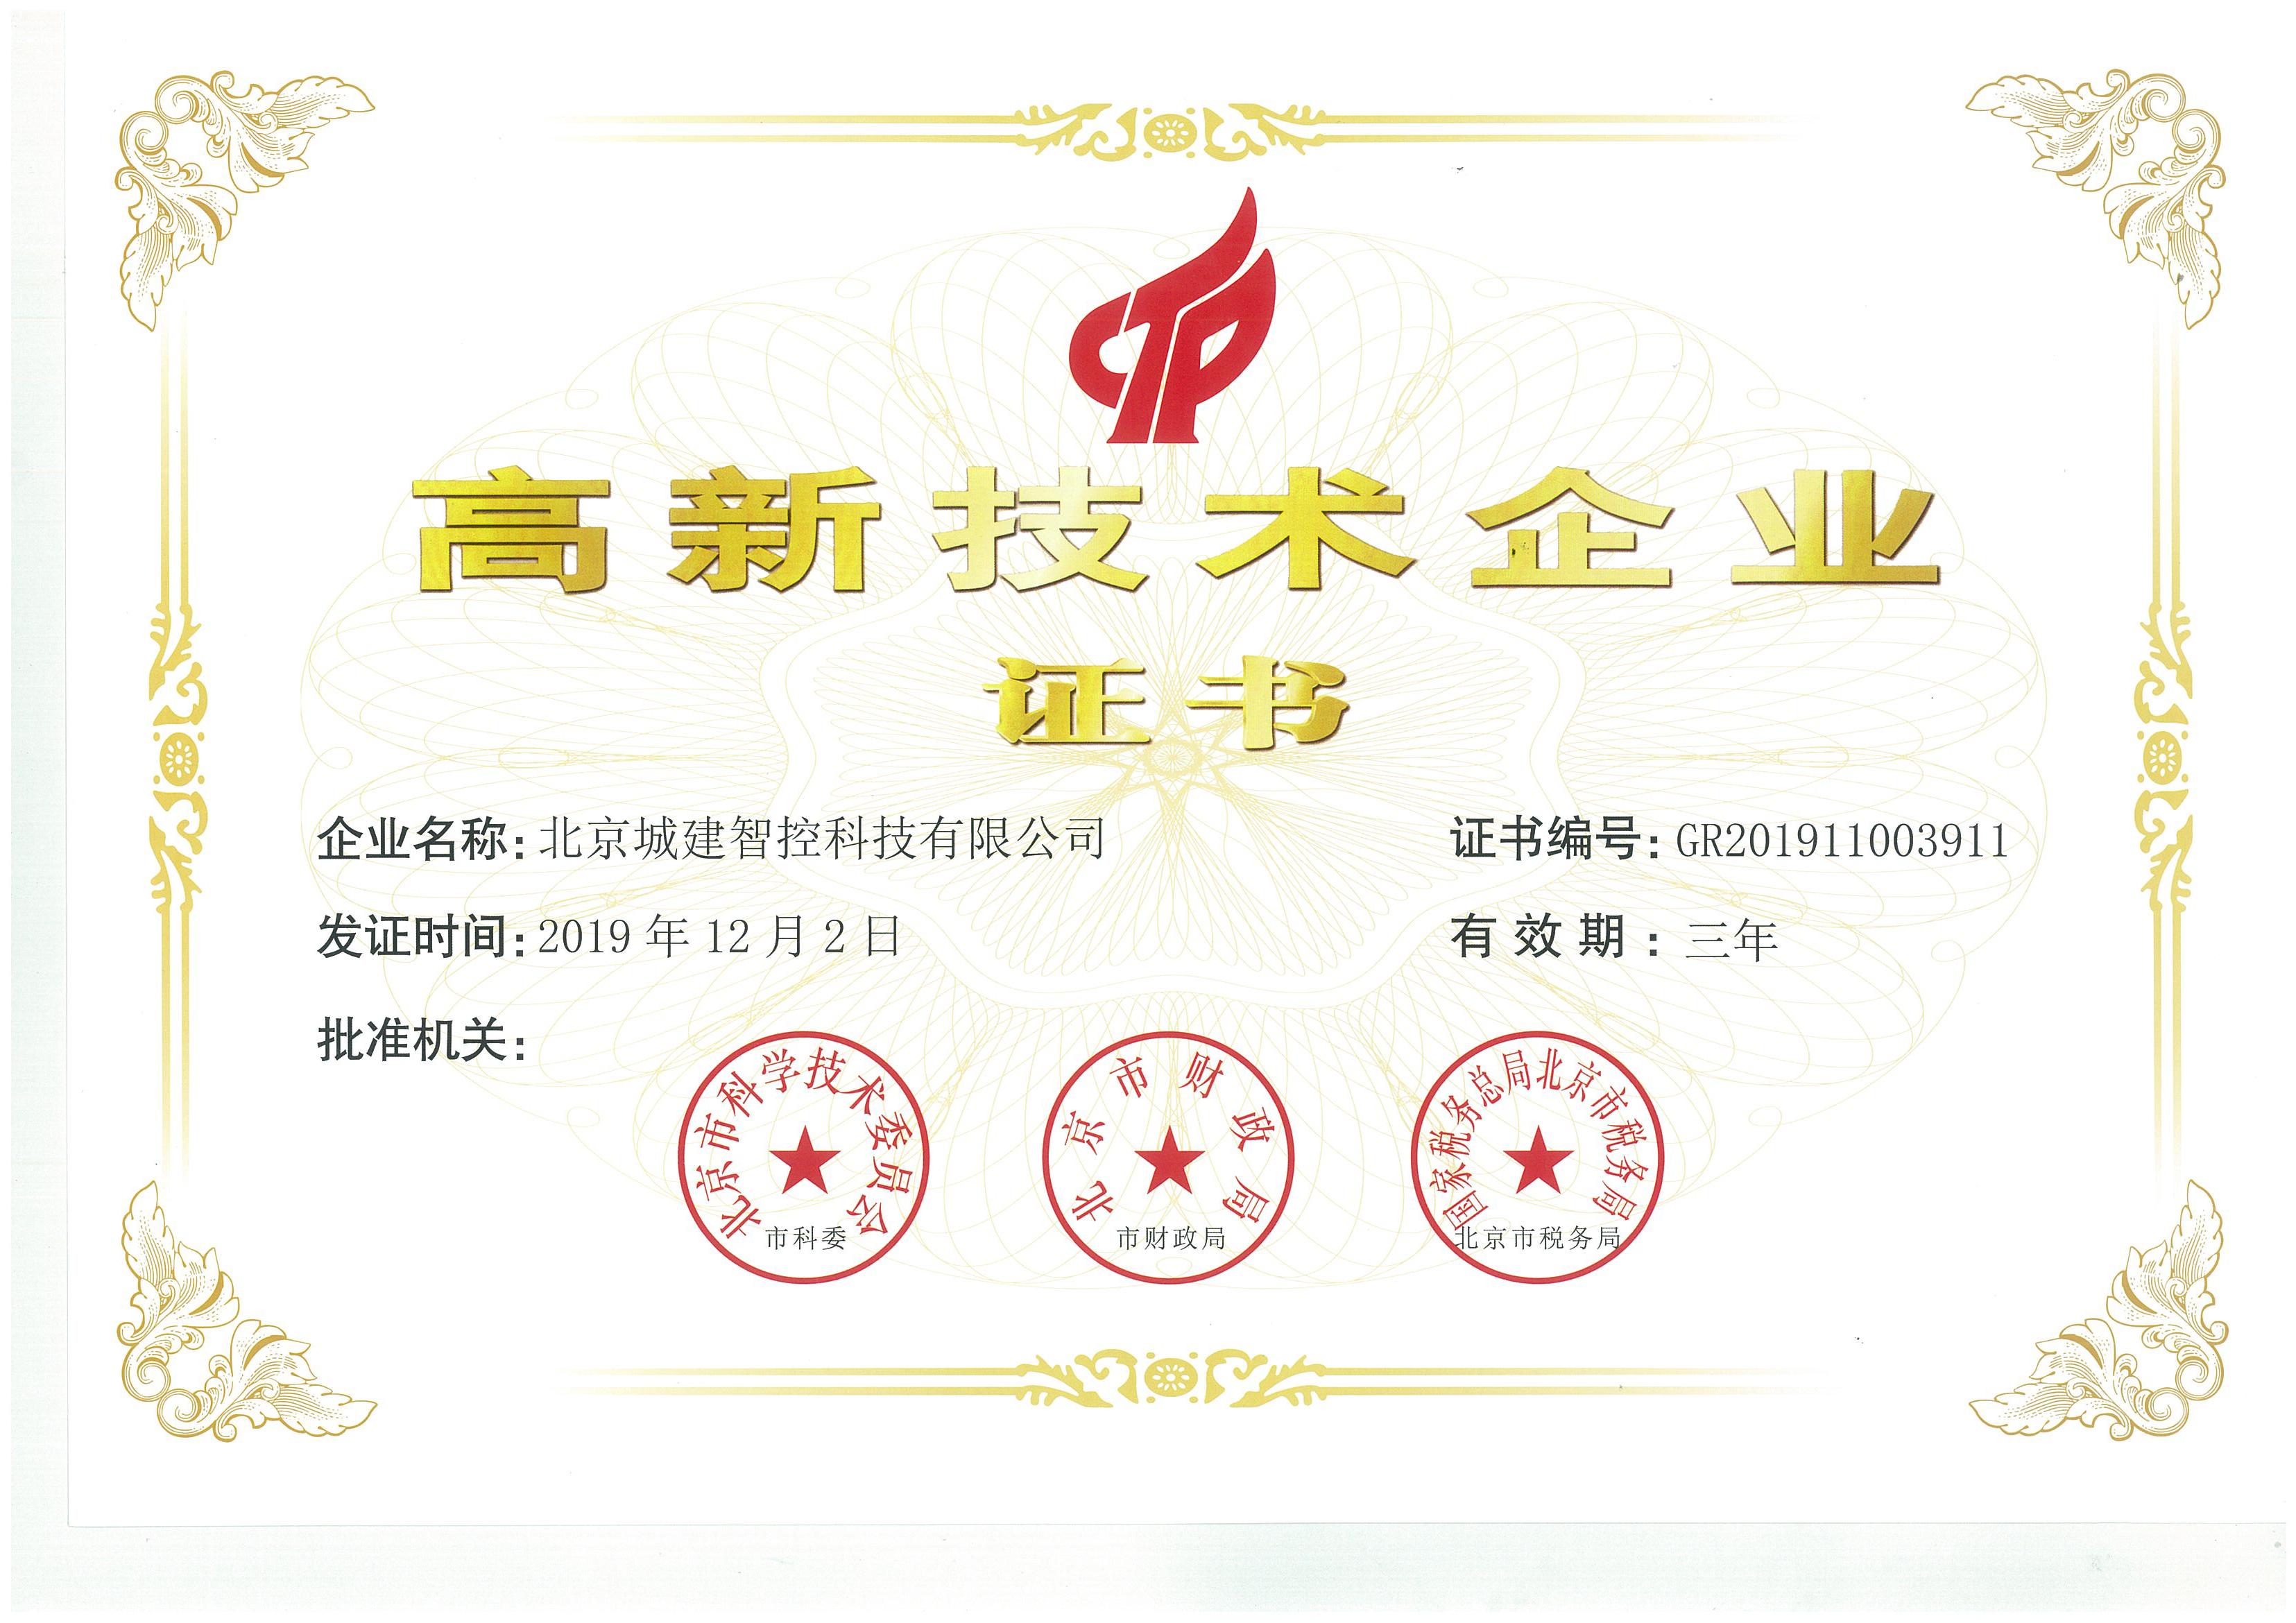 高新技术企业证书_20200306113710